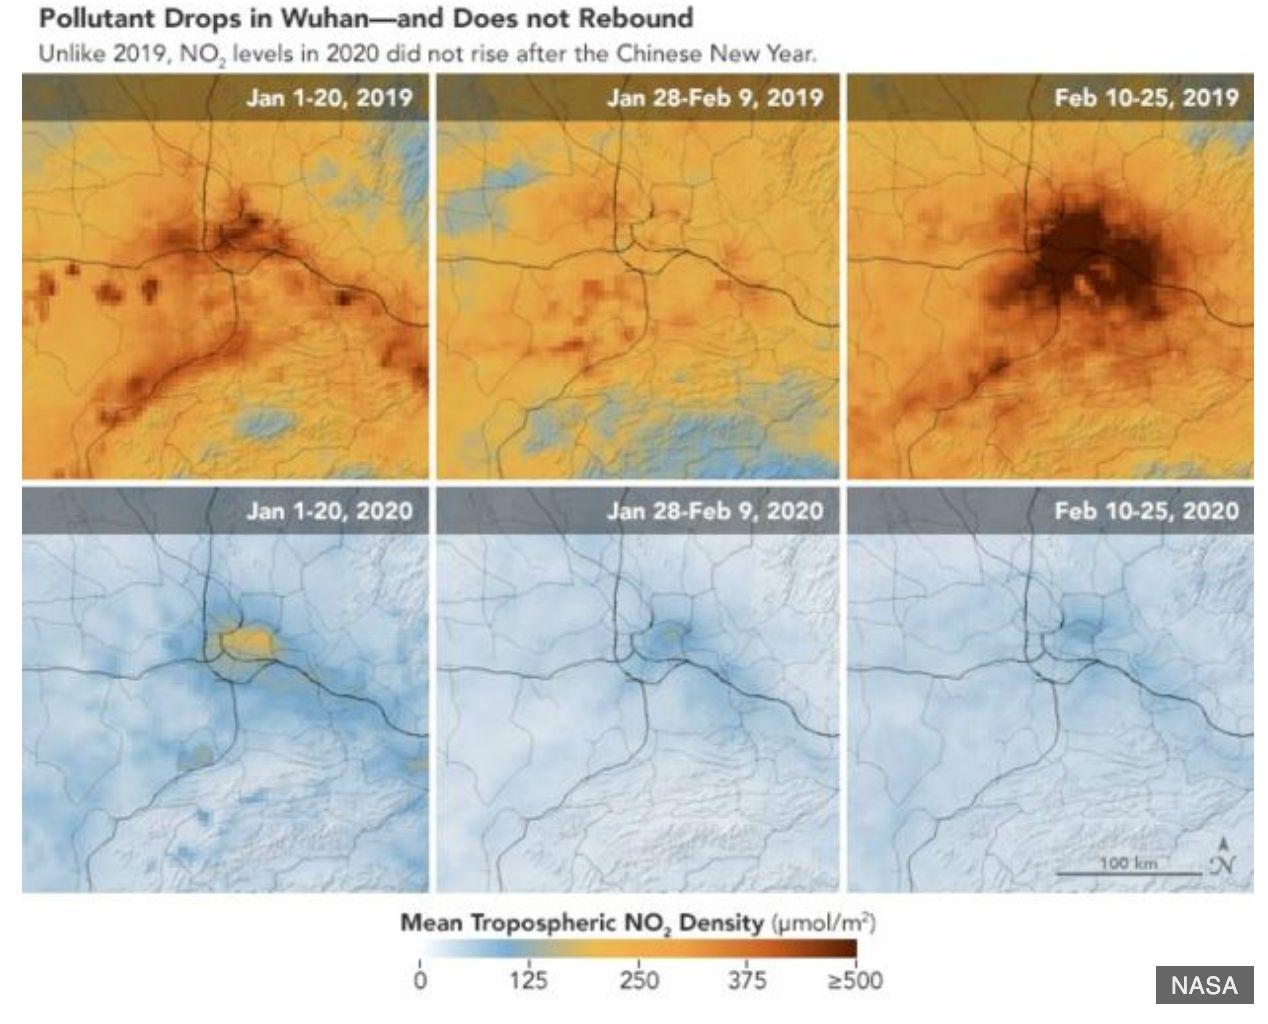 Images of China from NASA